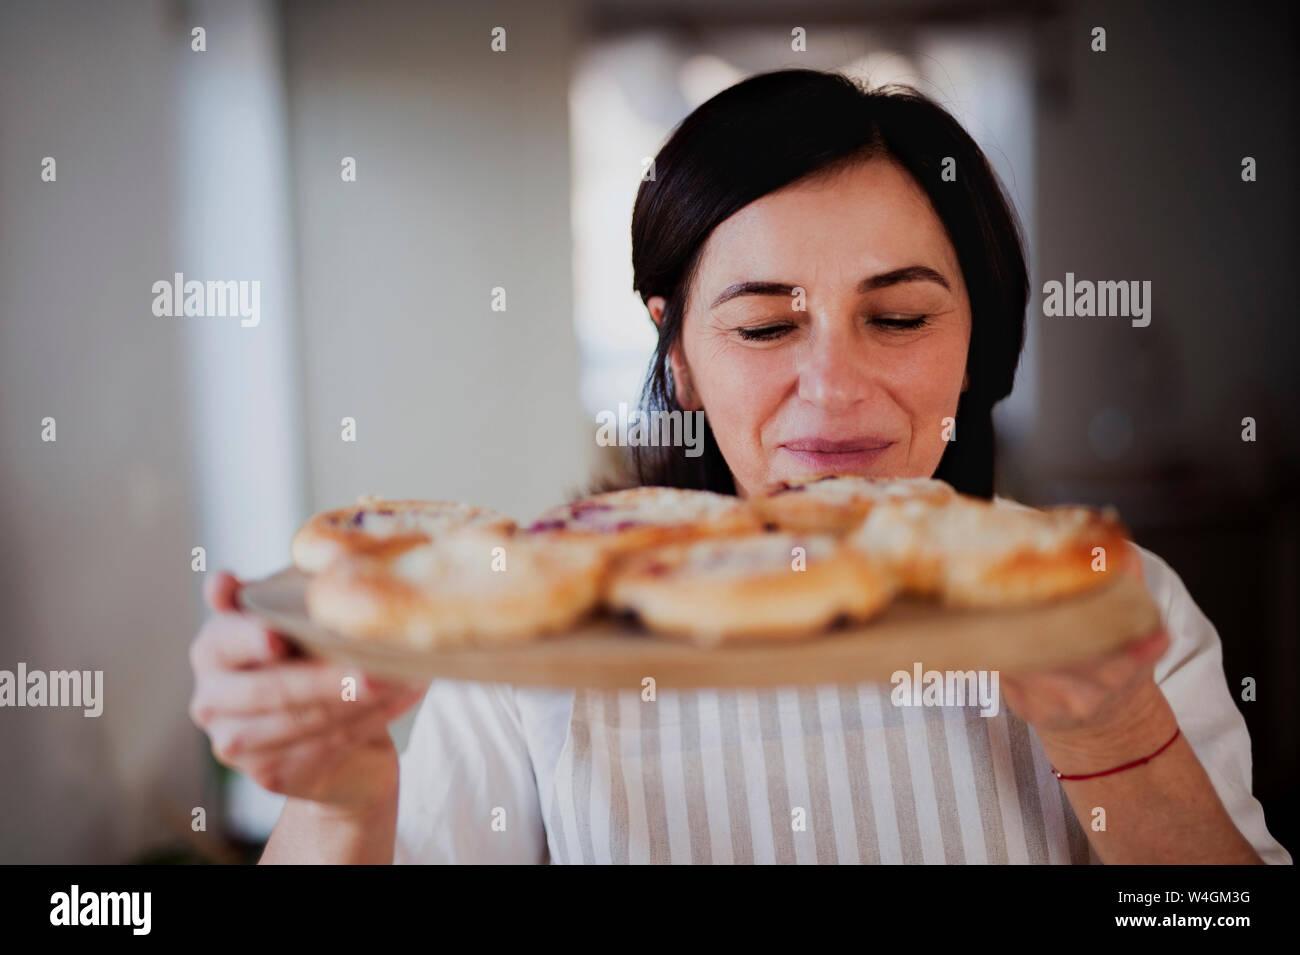 Reife Frau mit hausgemachten Kuchen ona Holz- fach Stockfoto